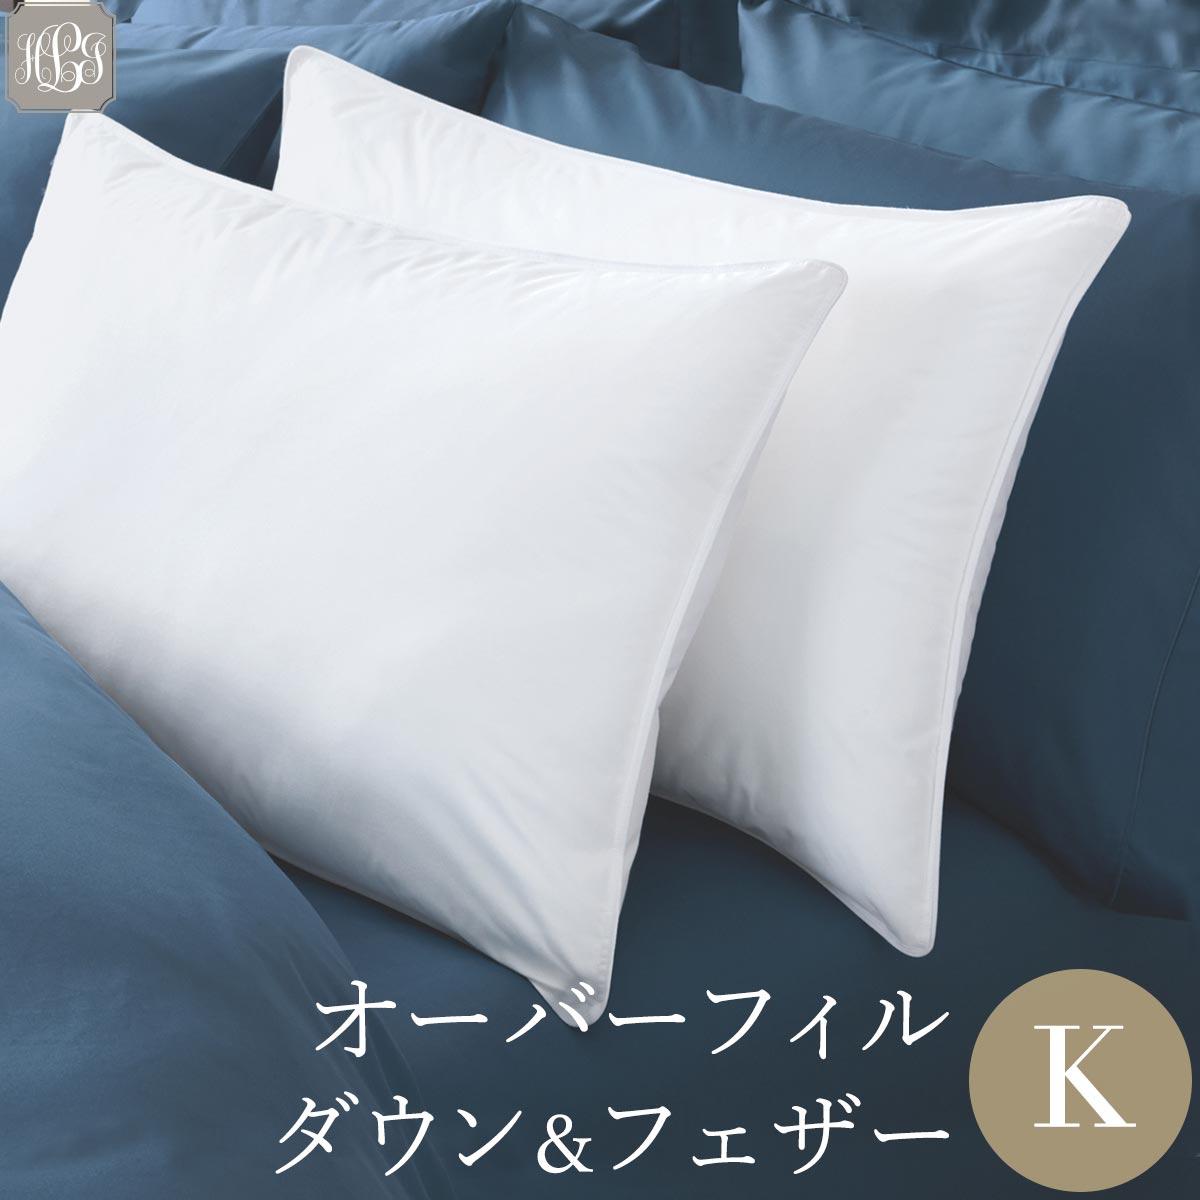 羽毛枕 ダウン50% キング 50cmx91cm オーバーフィル 高級ホテル 高め 綿100% 送料無料